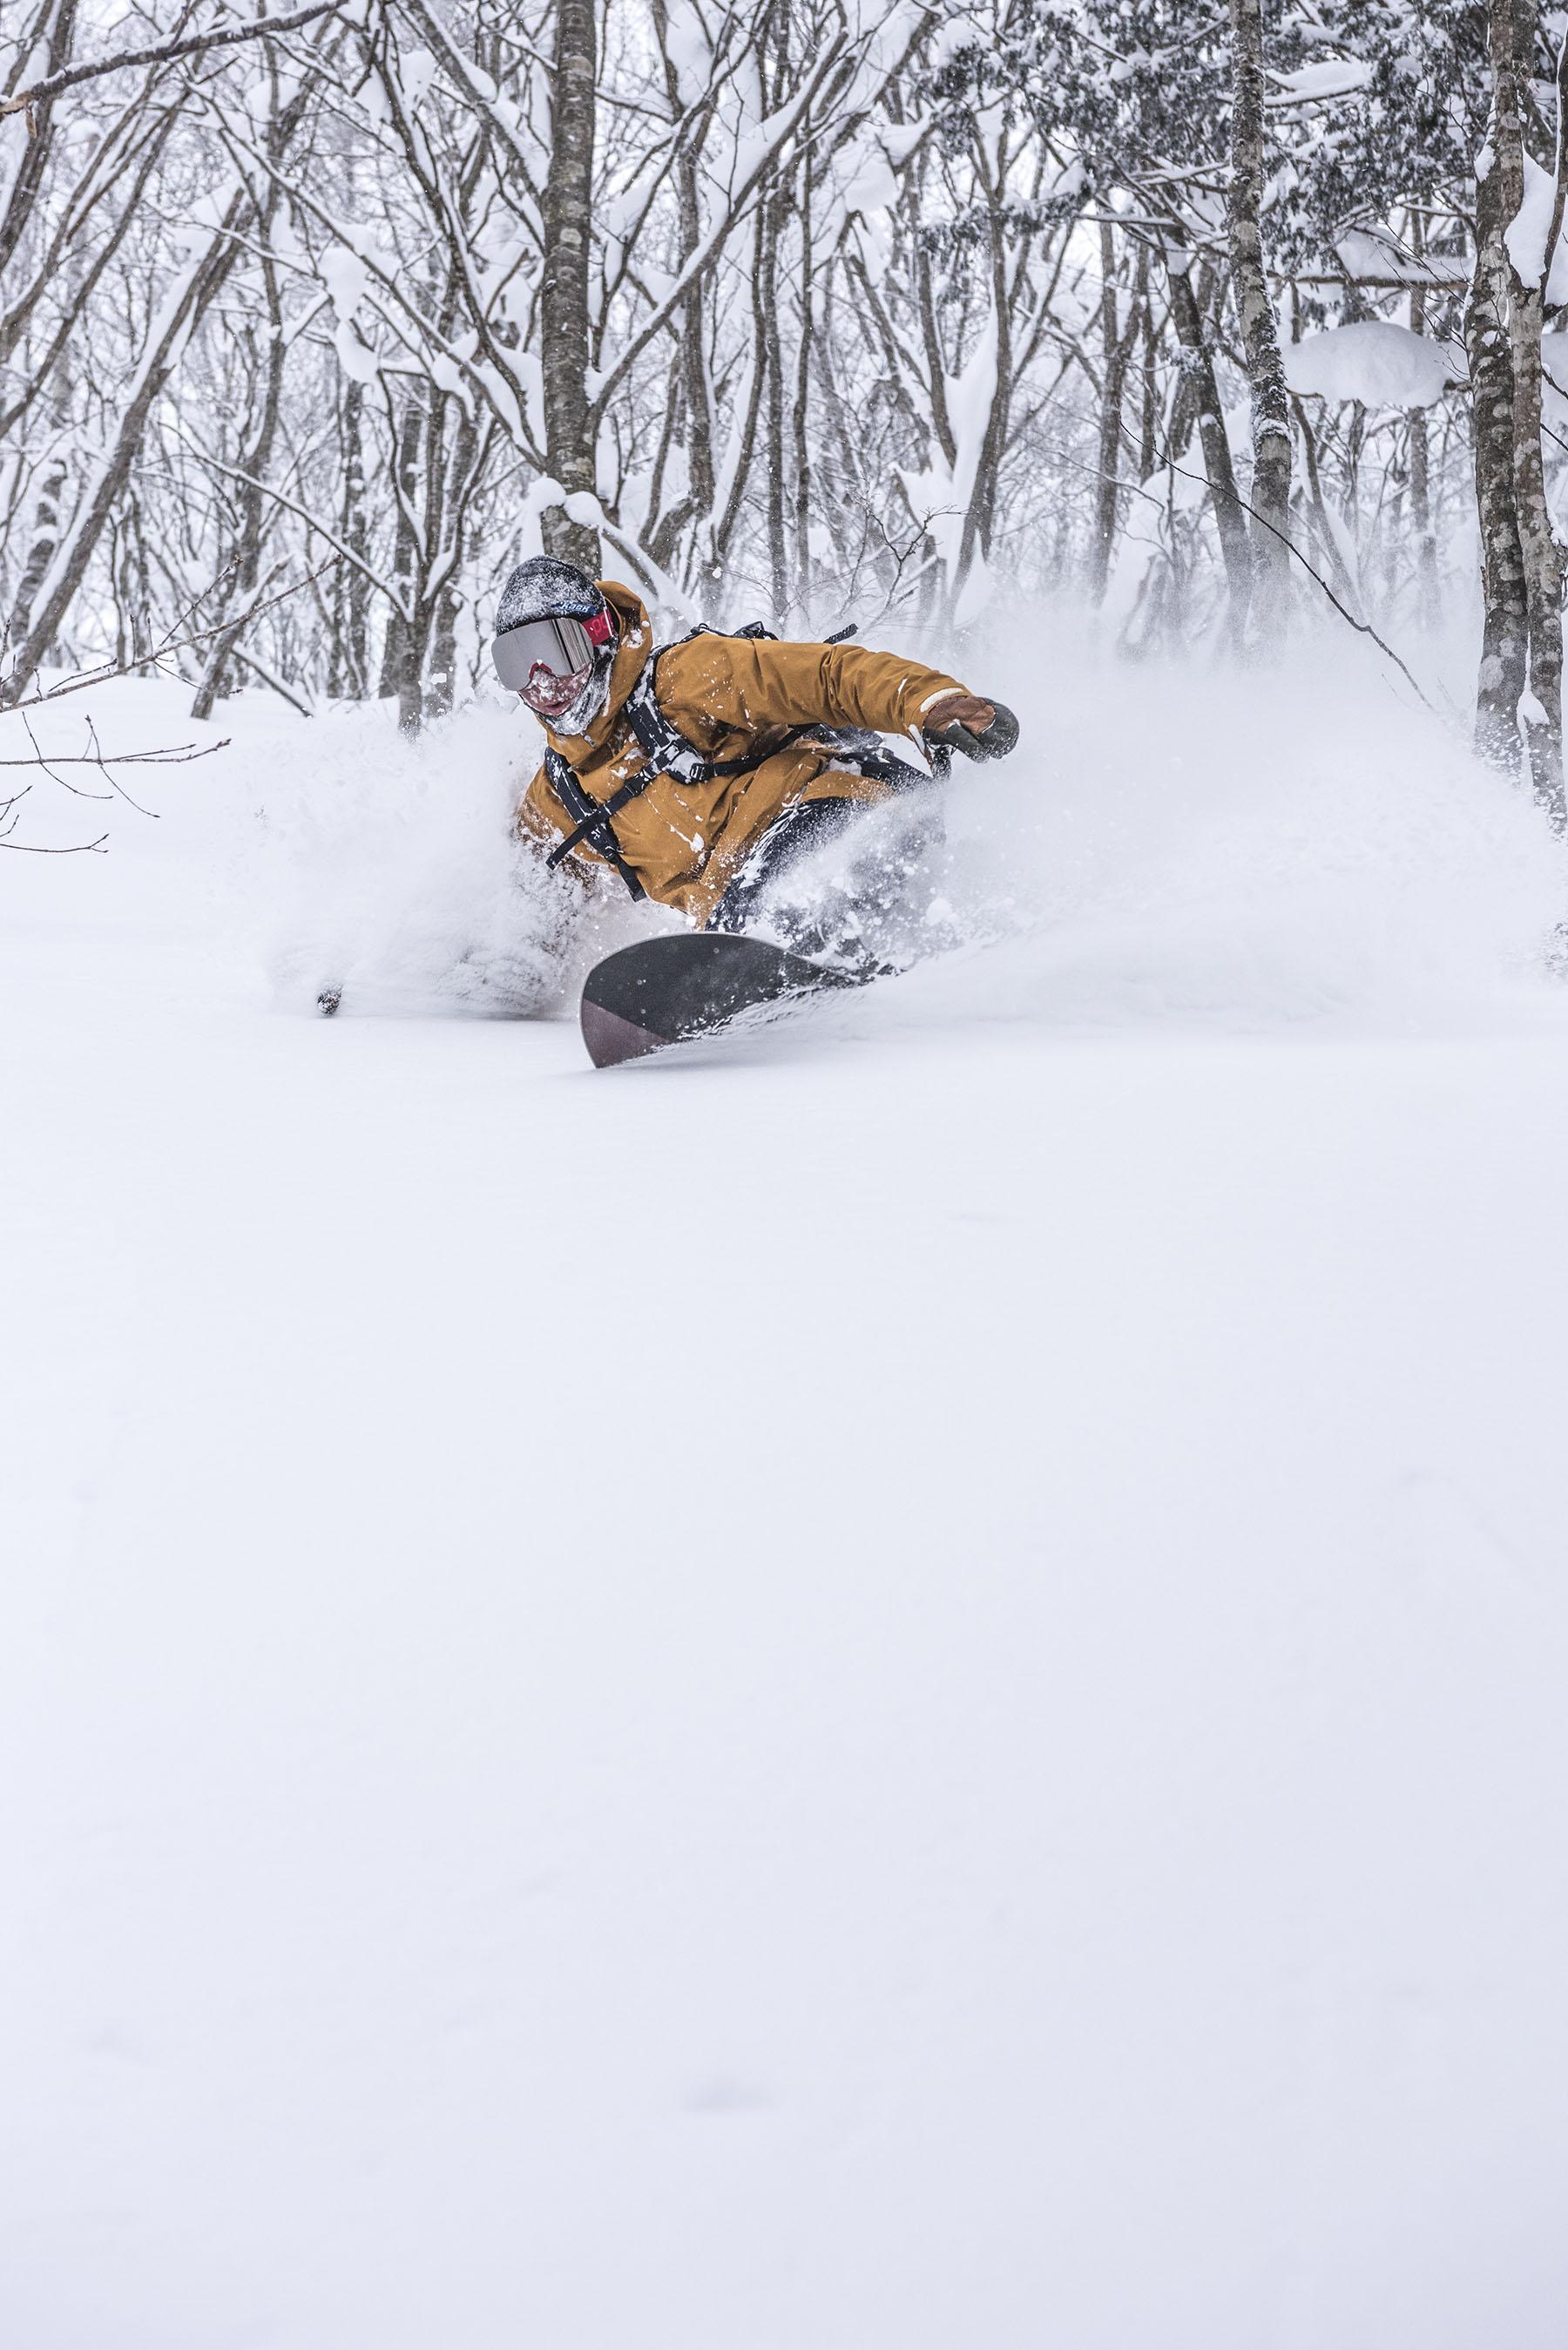 VIEW αは林の中を滑り降りる上級コース。 Photo:Hiroya Nakata Rider:Itaru Fukushima